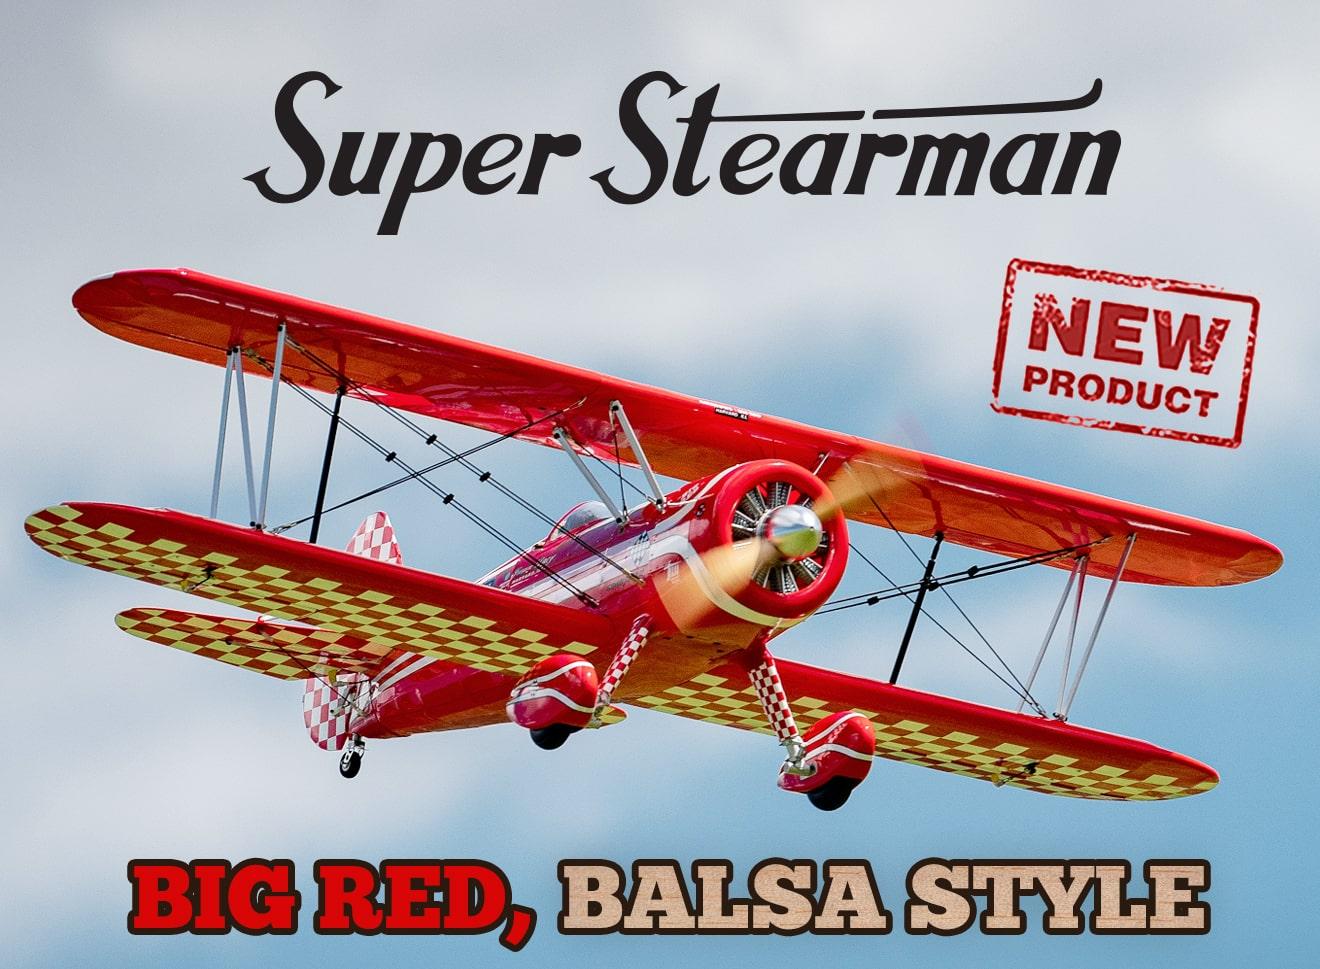 Super Stearman